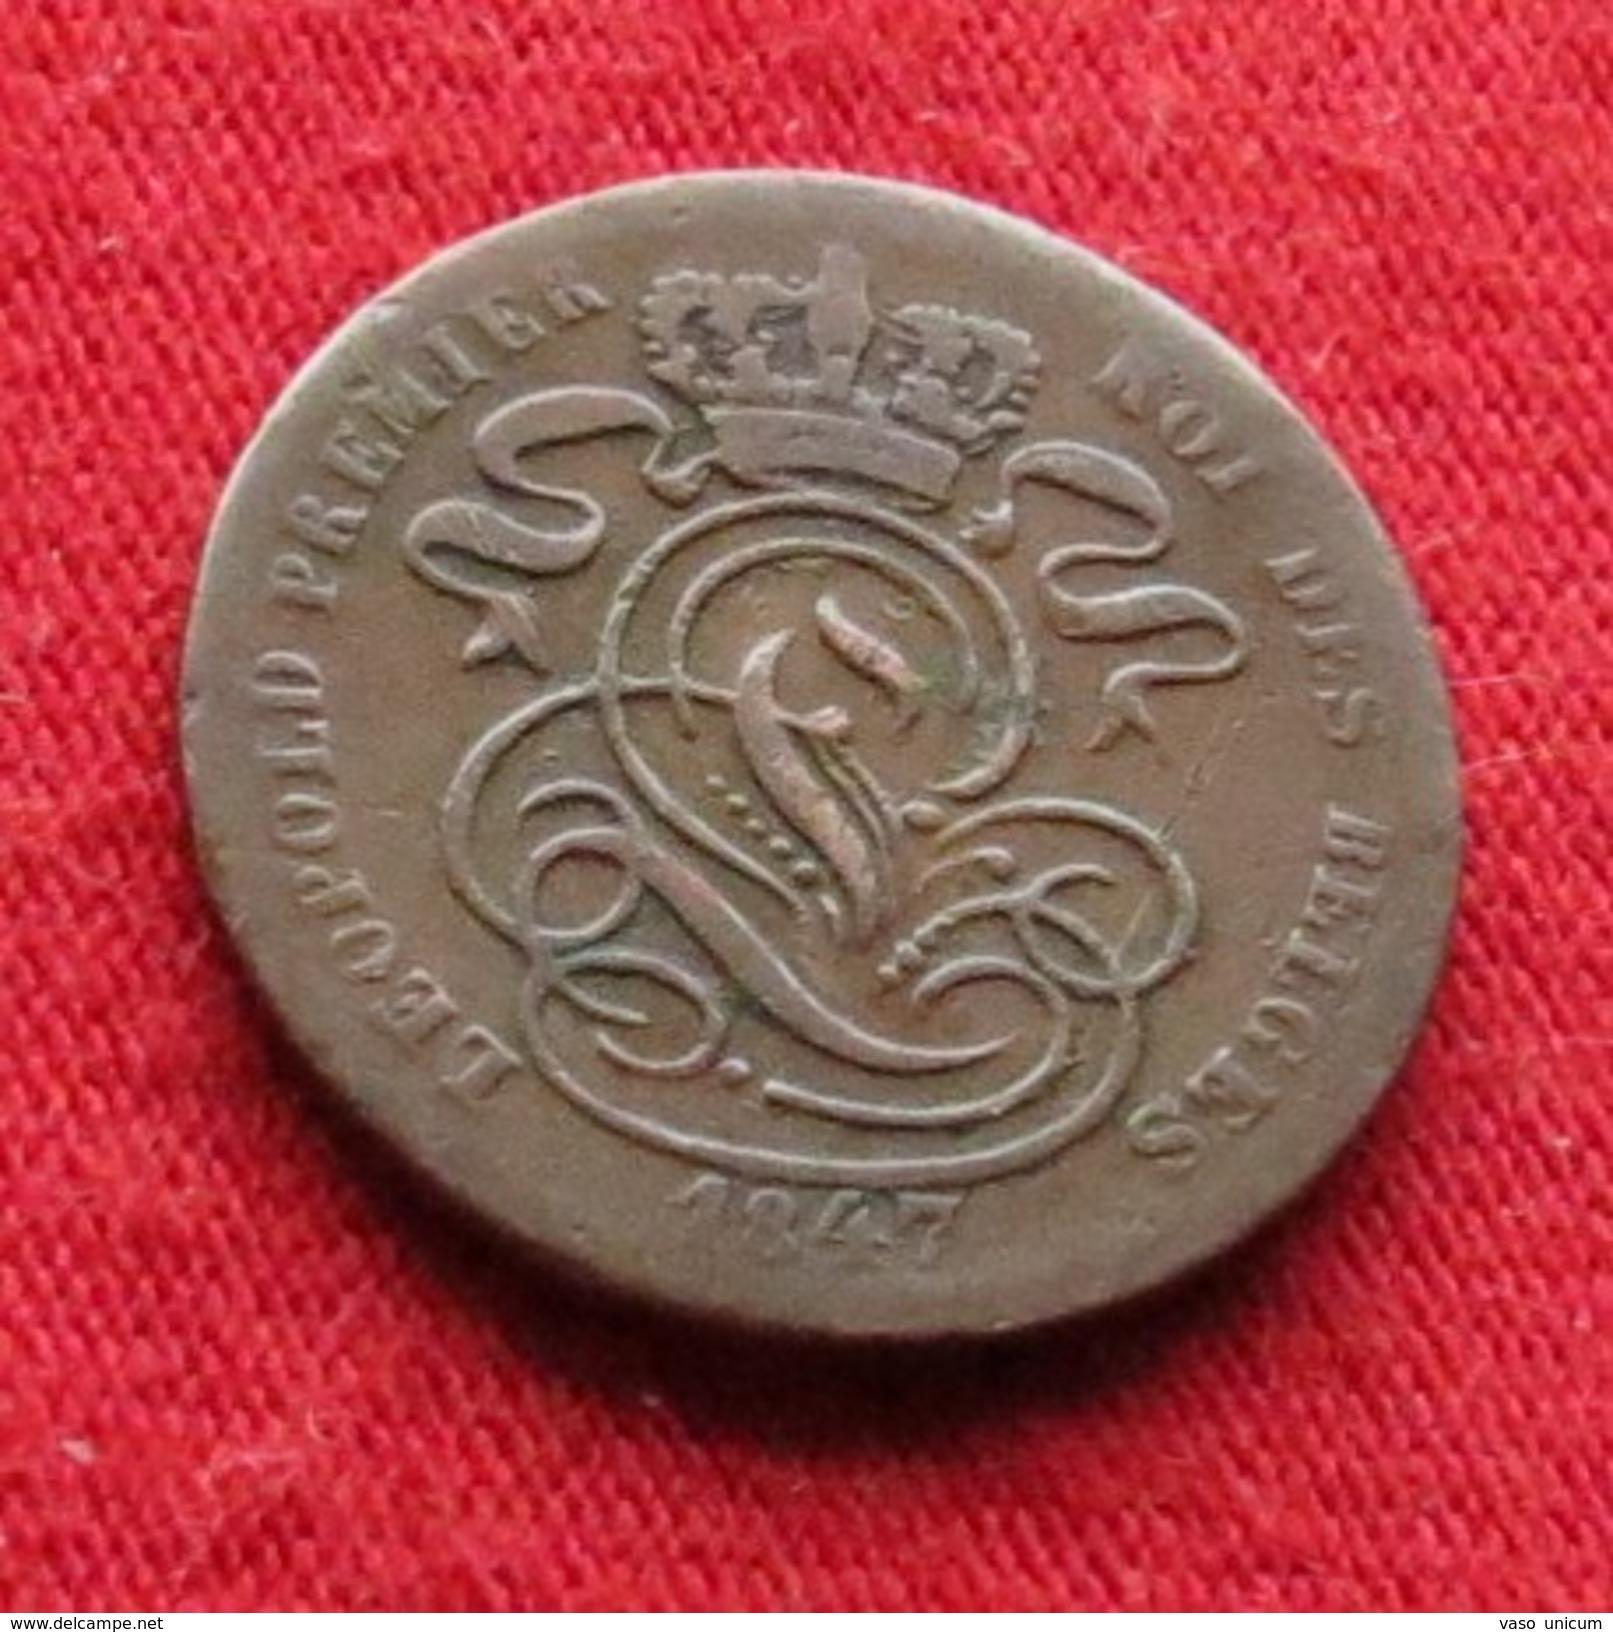 Belgium 1 Centim 1847 Belgica Belgique Belges Belgien - Belgique